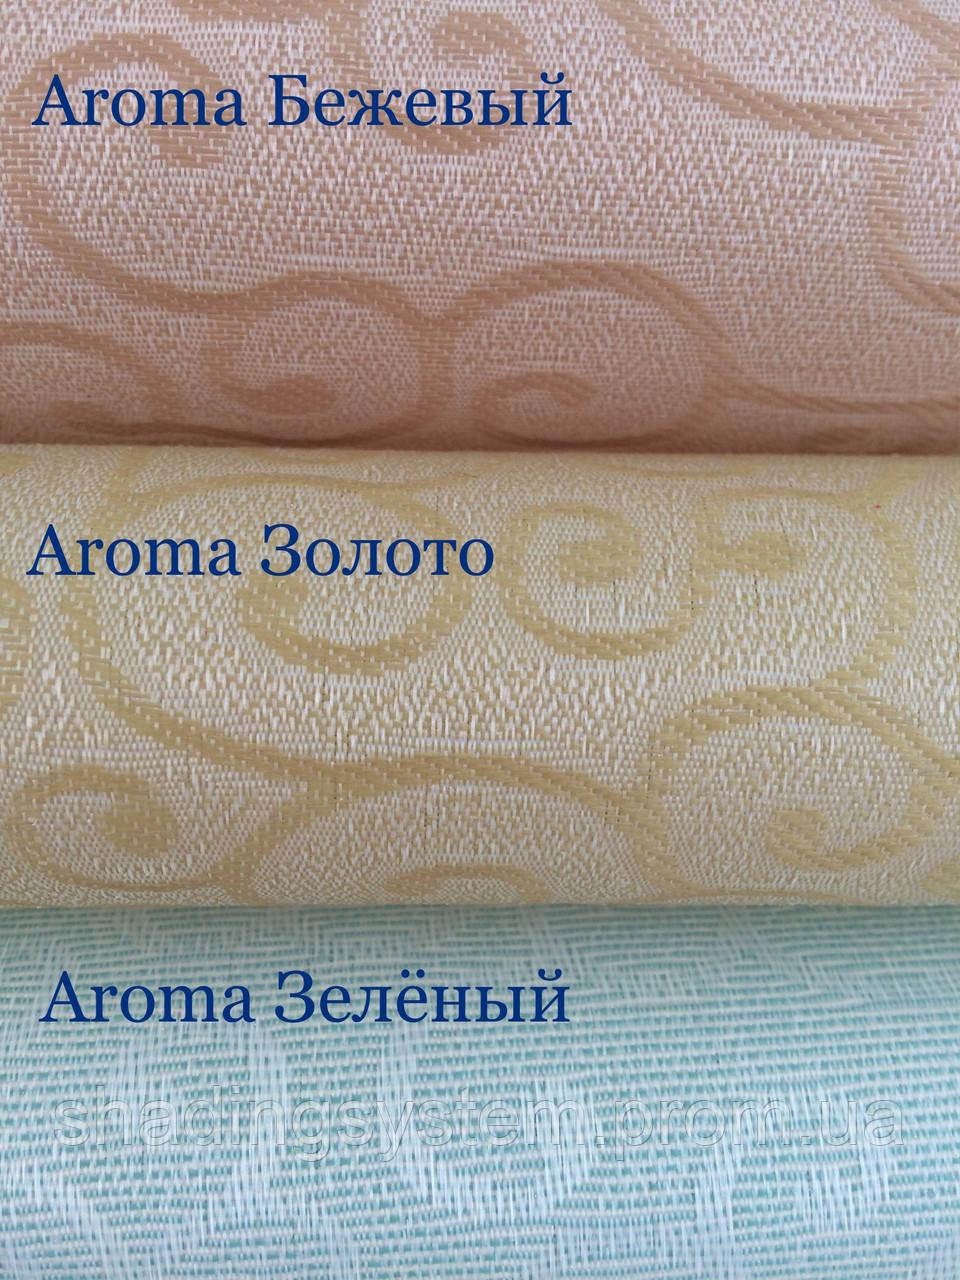 Роллеты тканевые Aroma